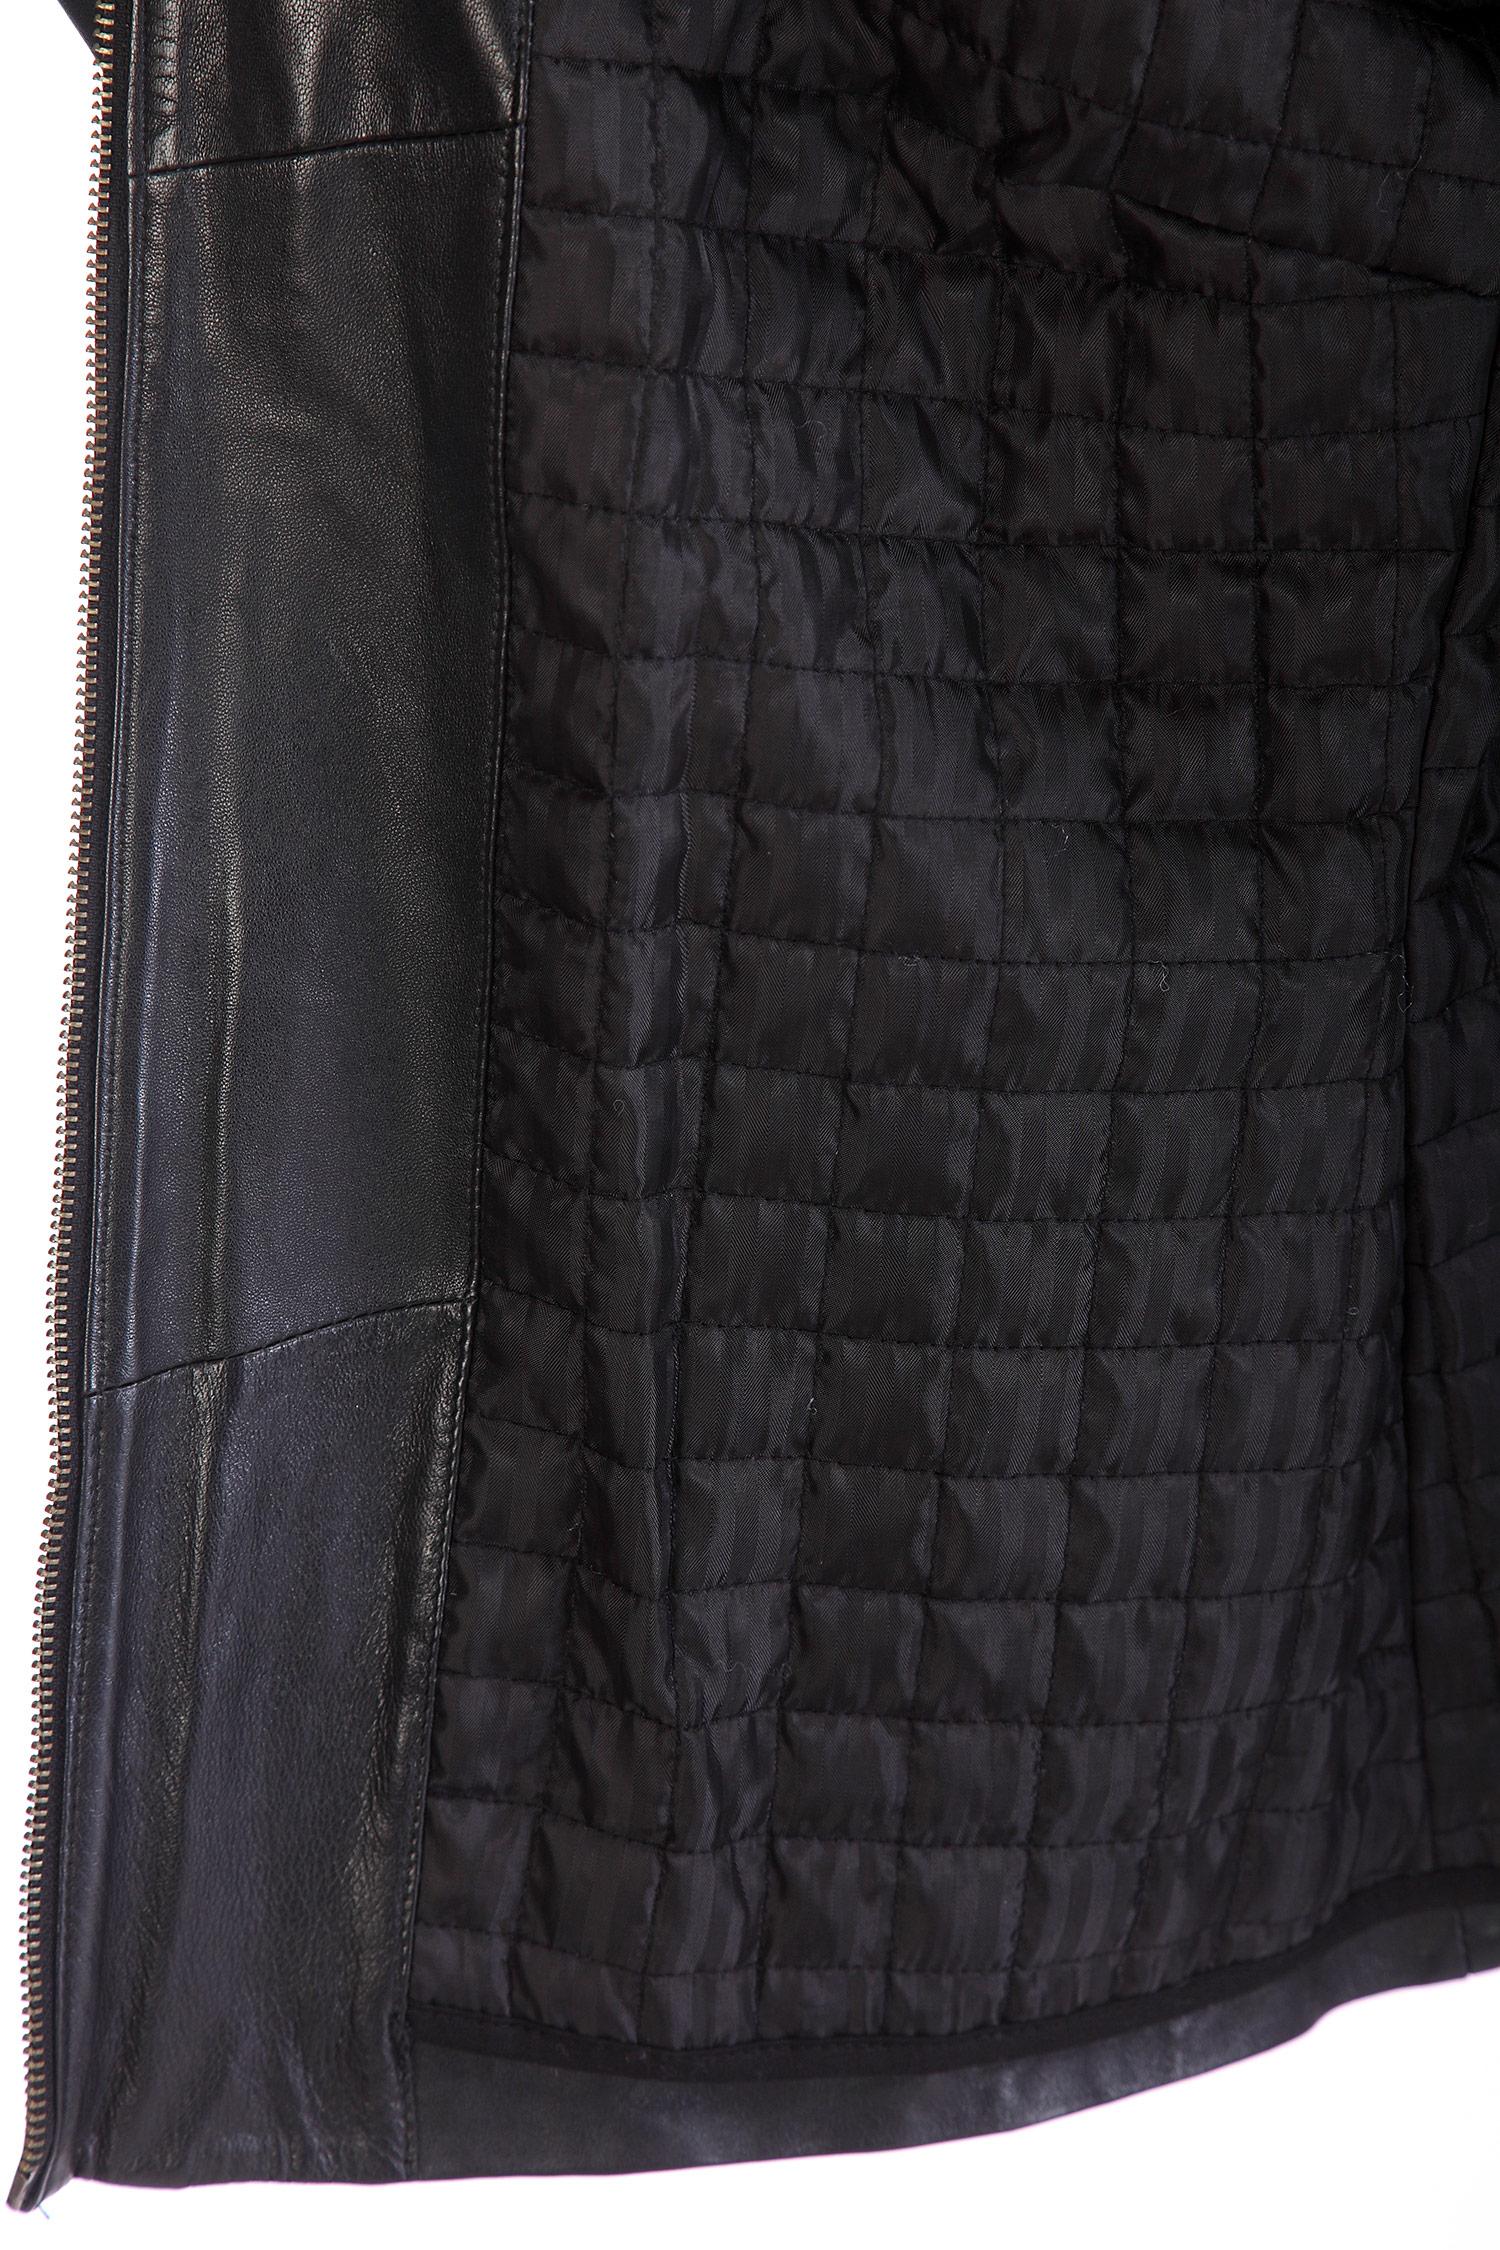 Фото 4 - Женская кожаная куртка из натуральной кожи с воротником от МОСМЕХА черного цвета